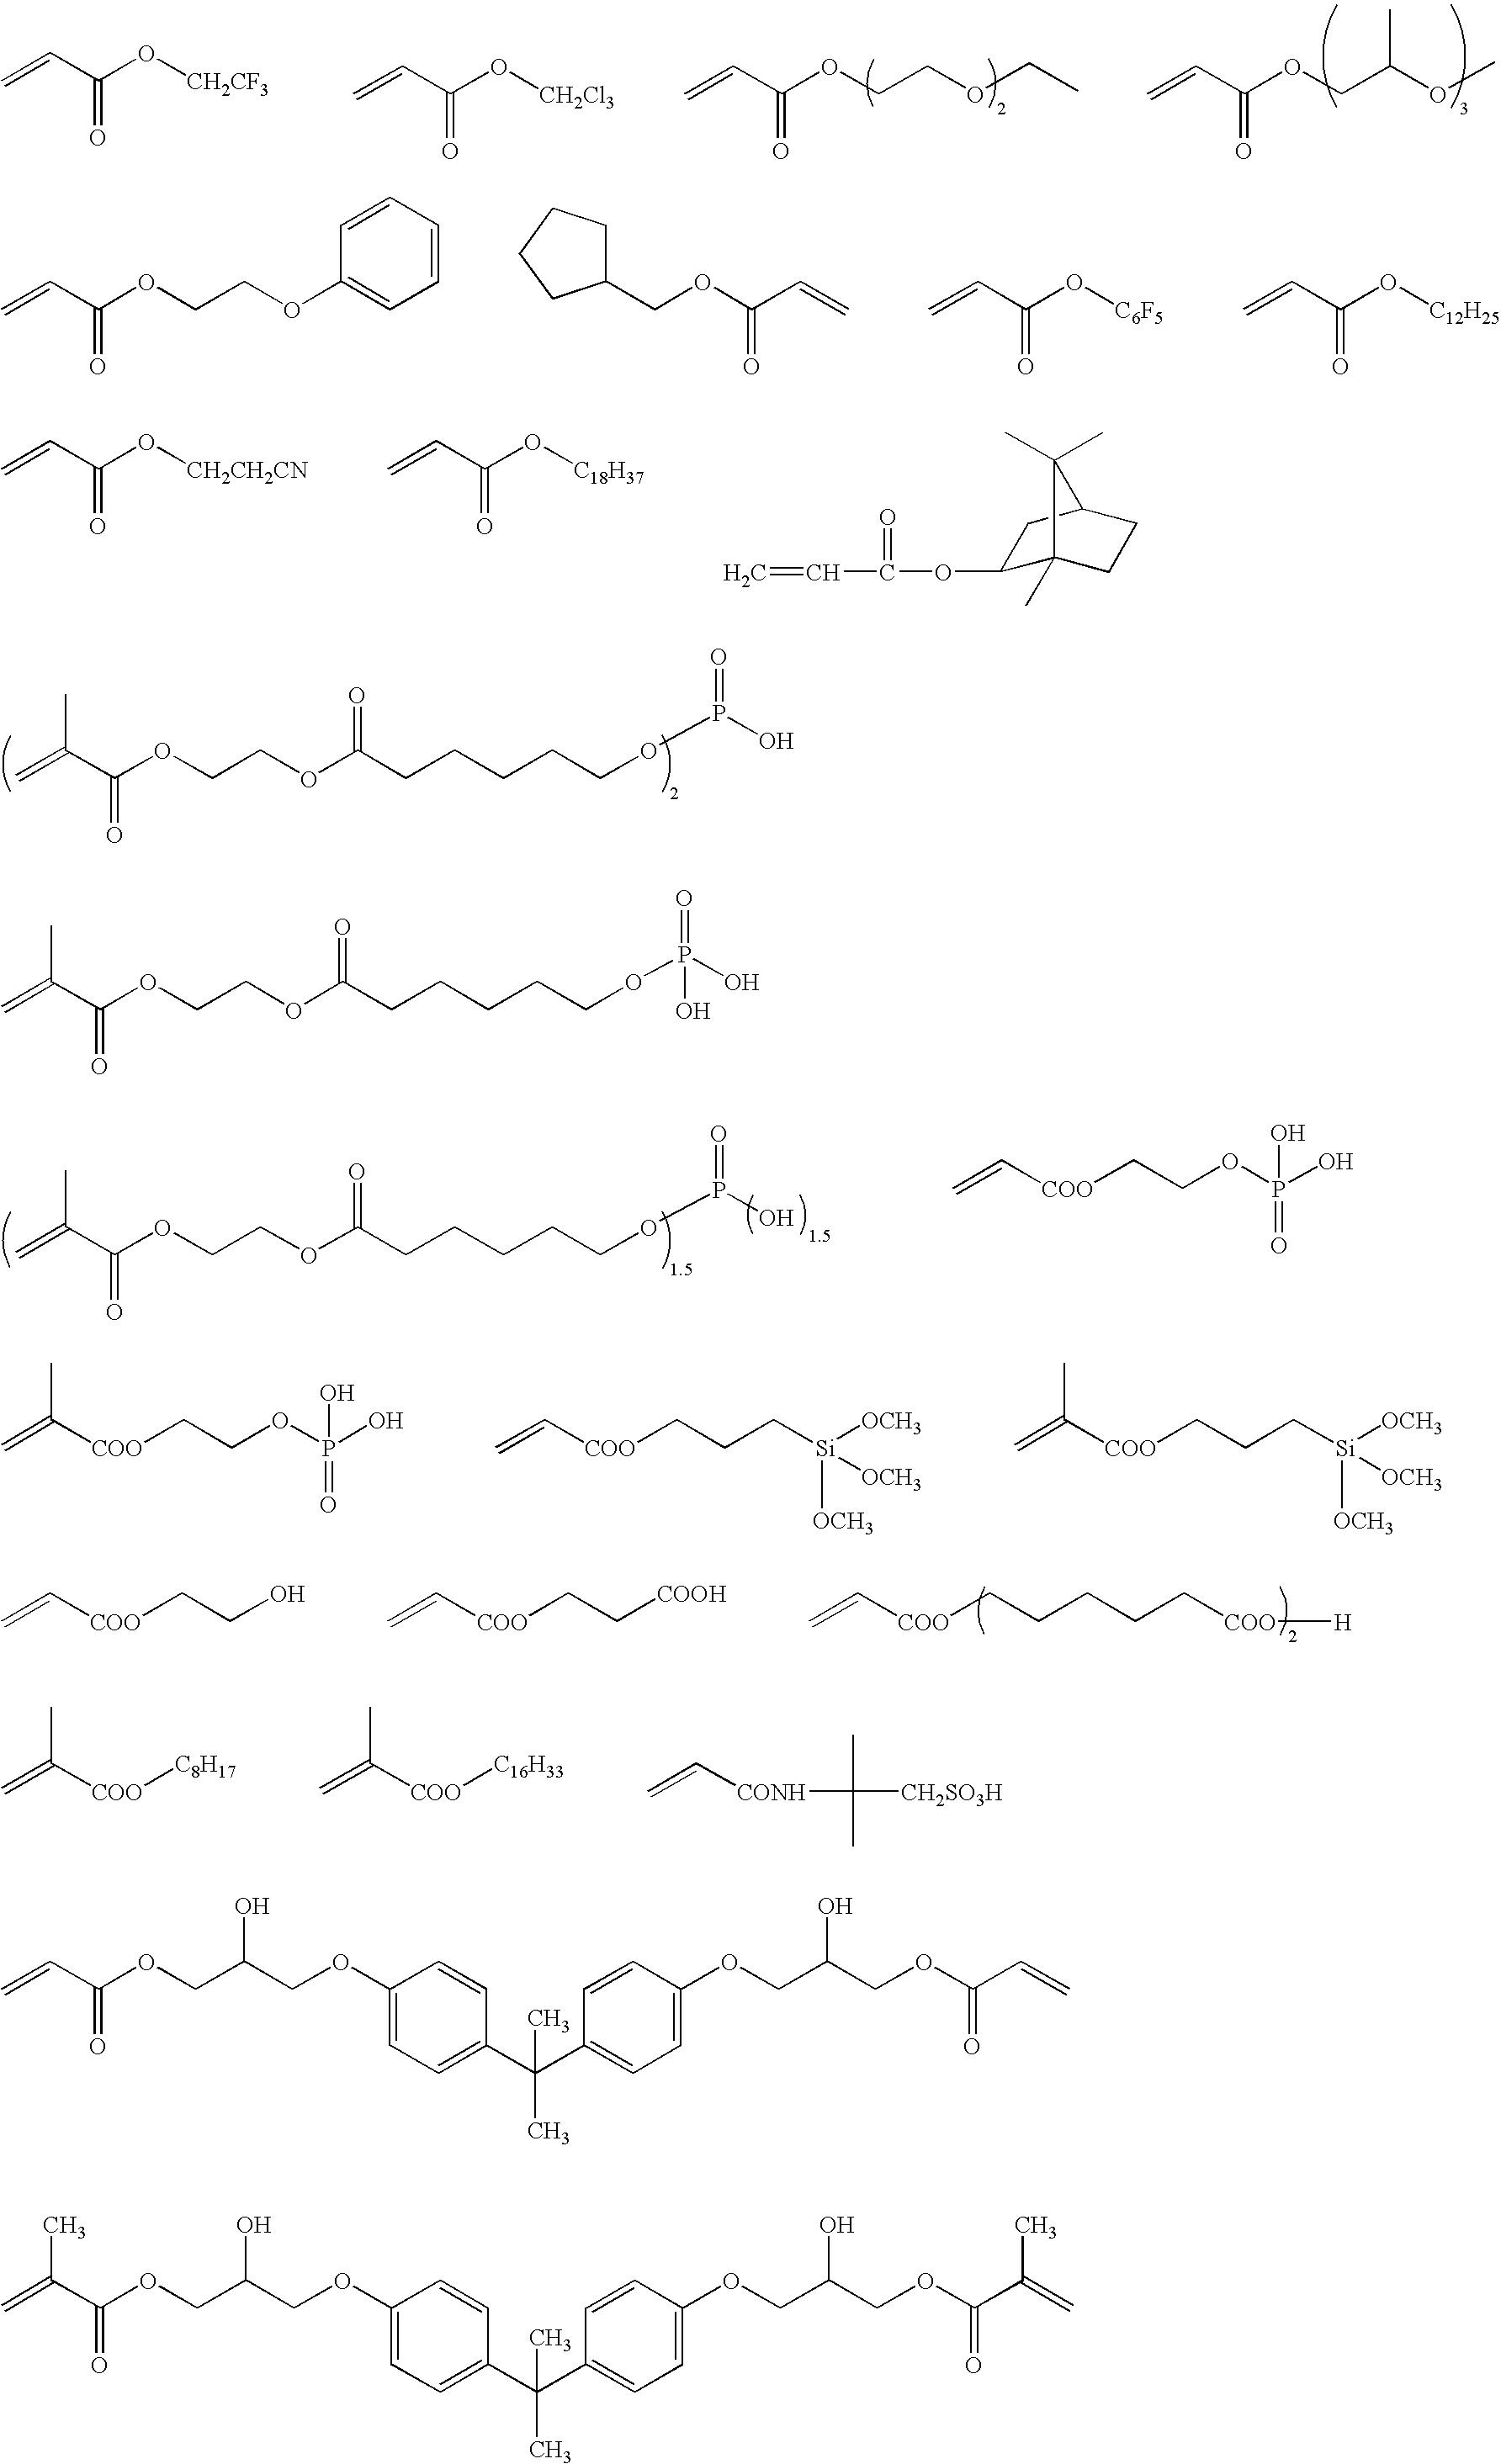 Figure US20090075034A1-20090319-C00005